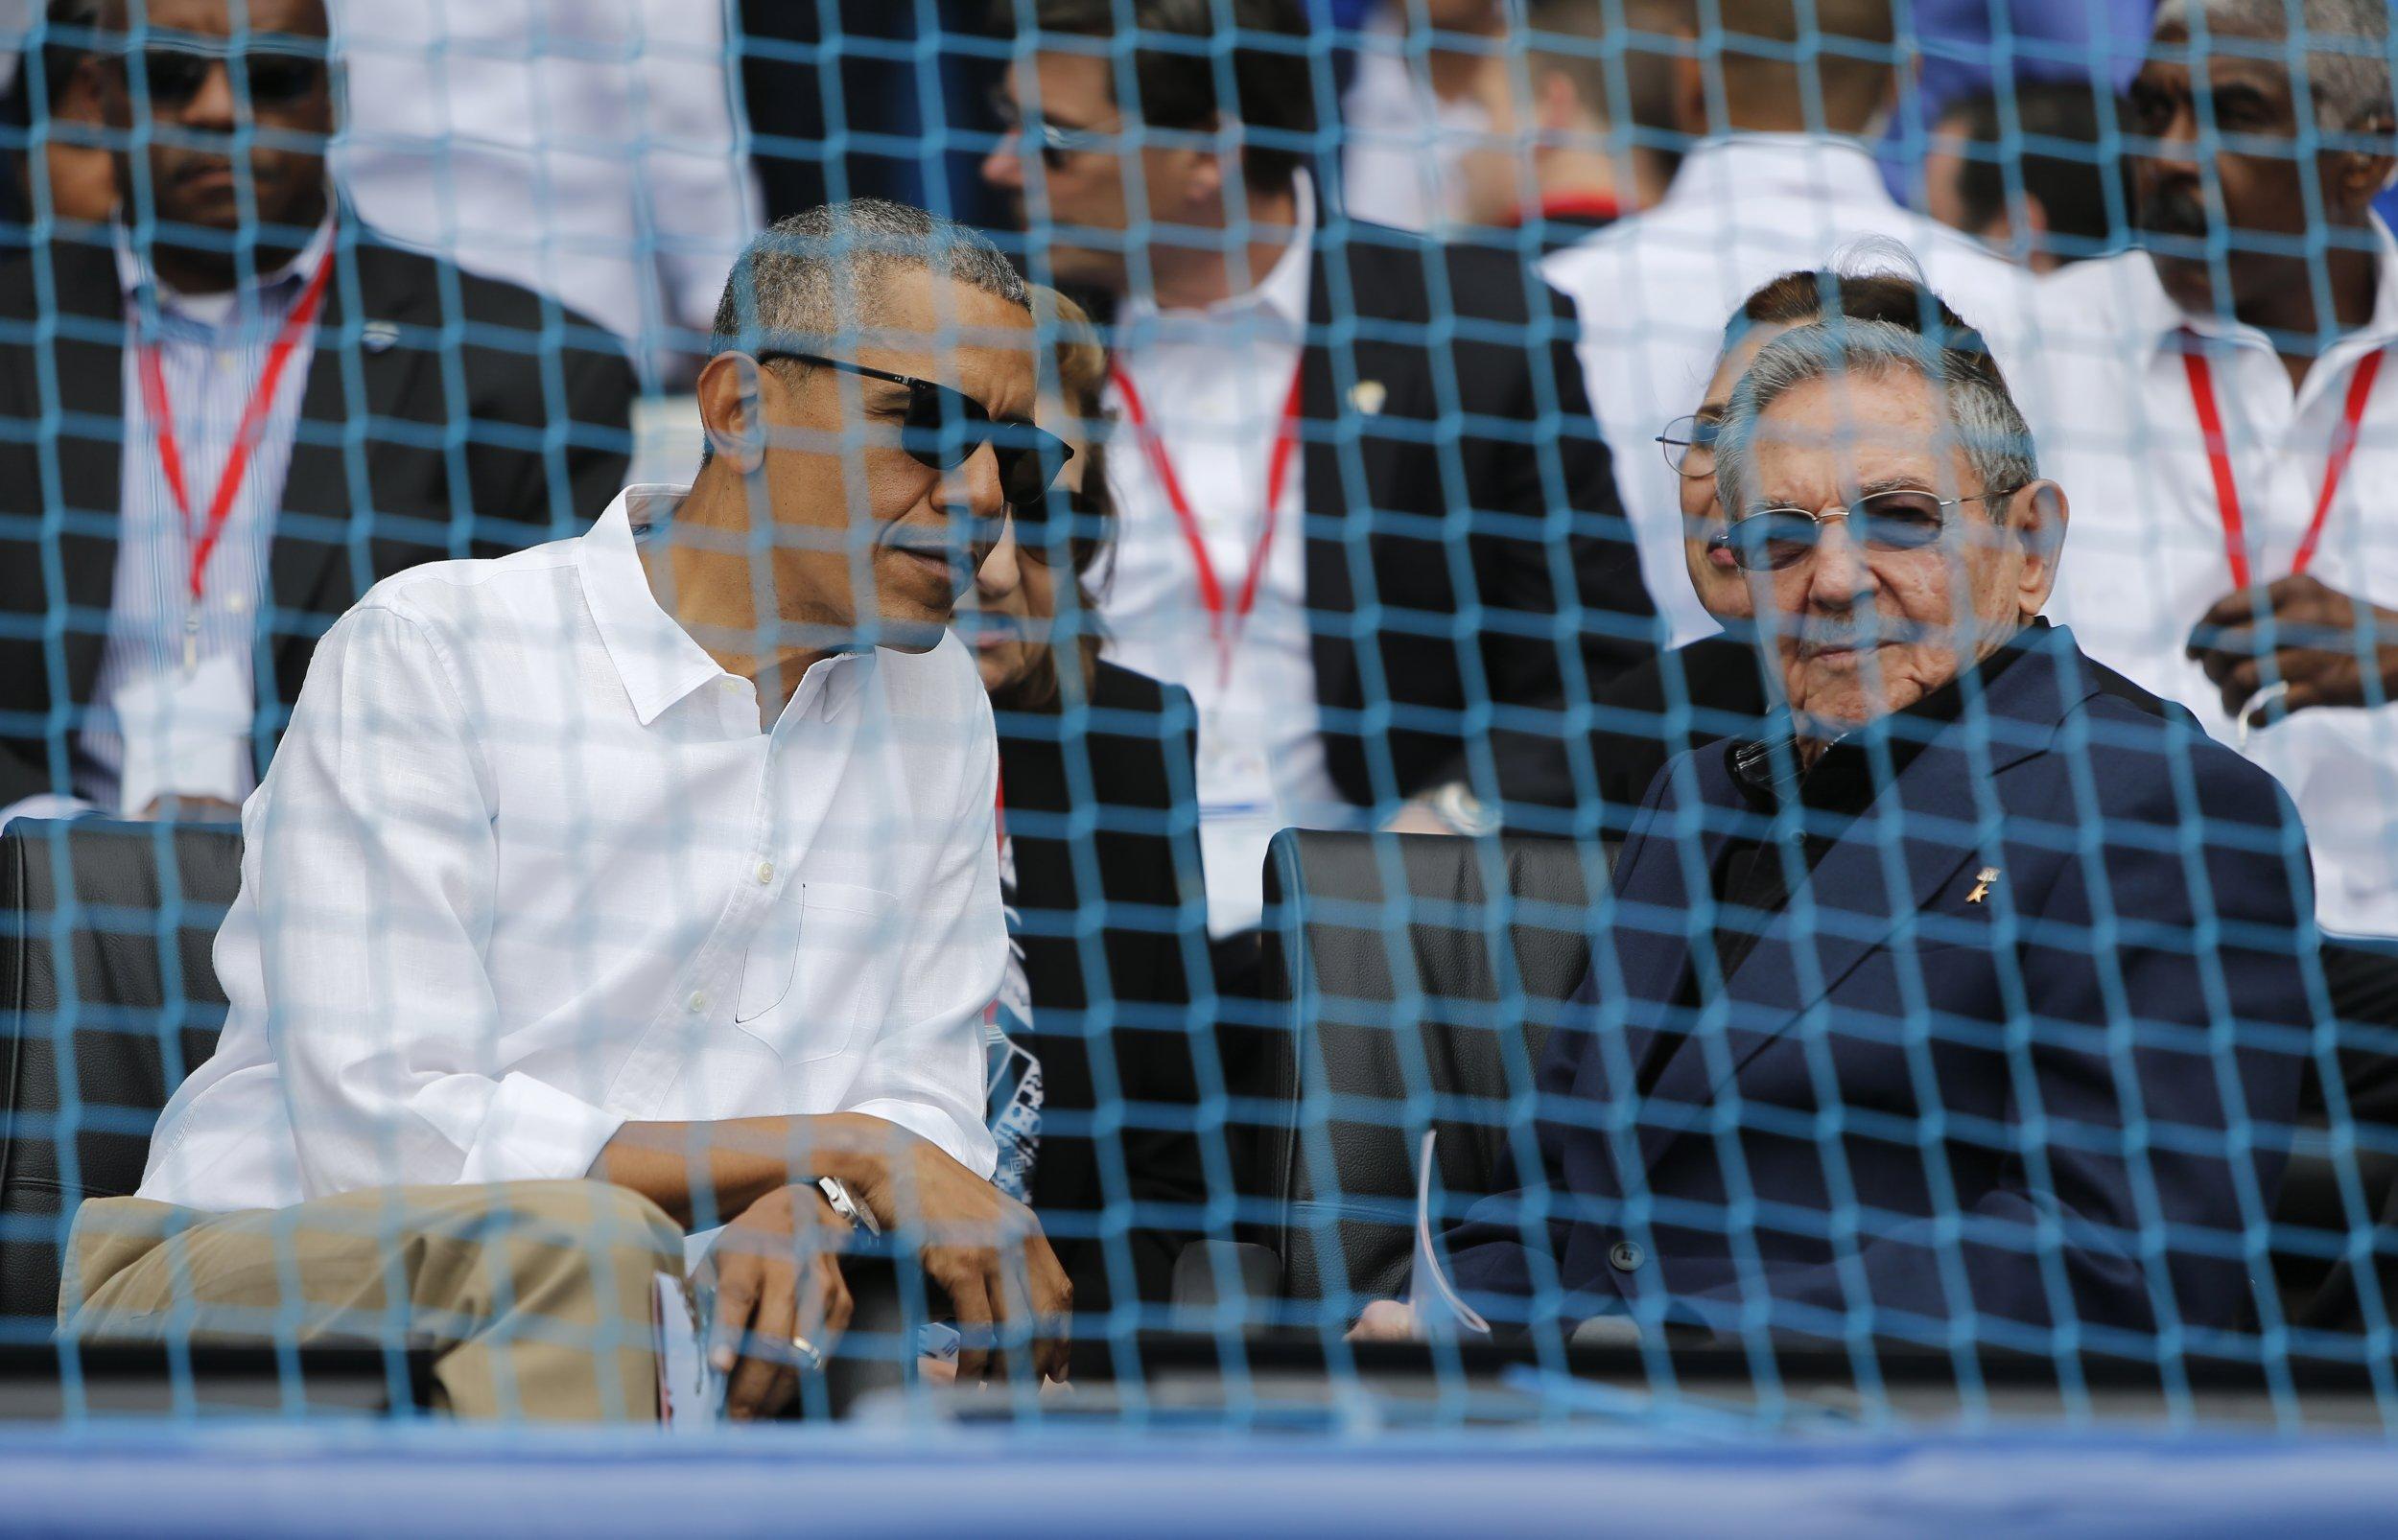 03_22_Obama_Castro_Speech_Cuba_Havana